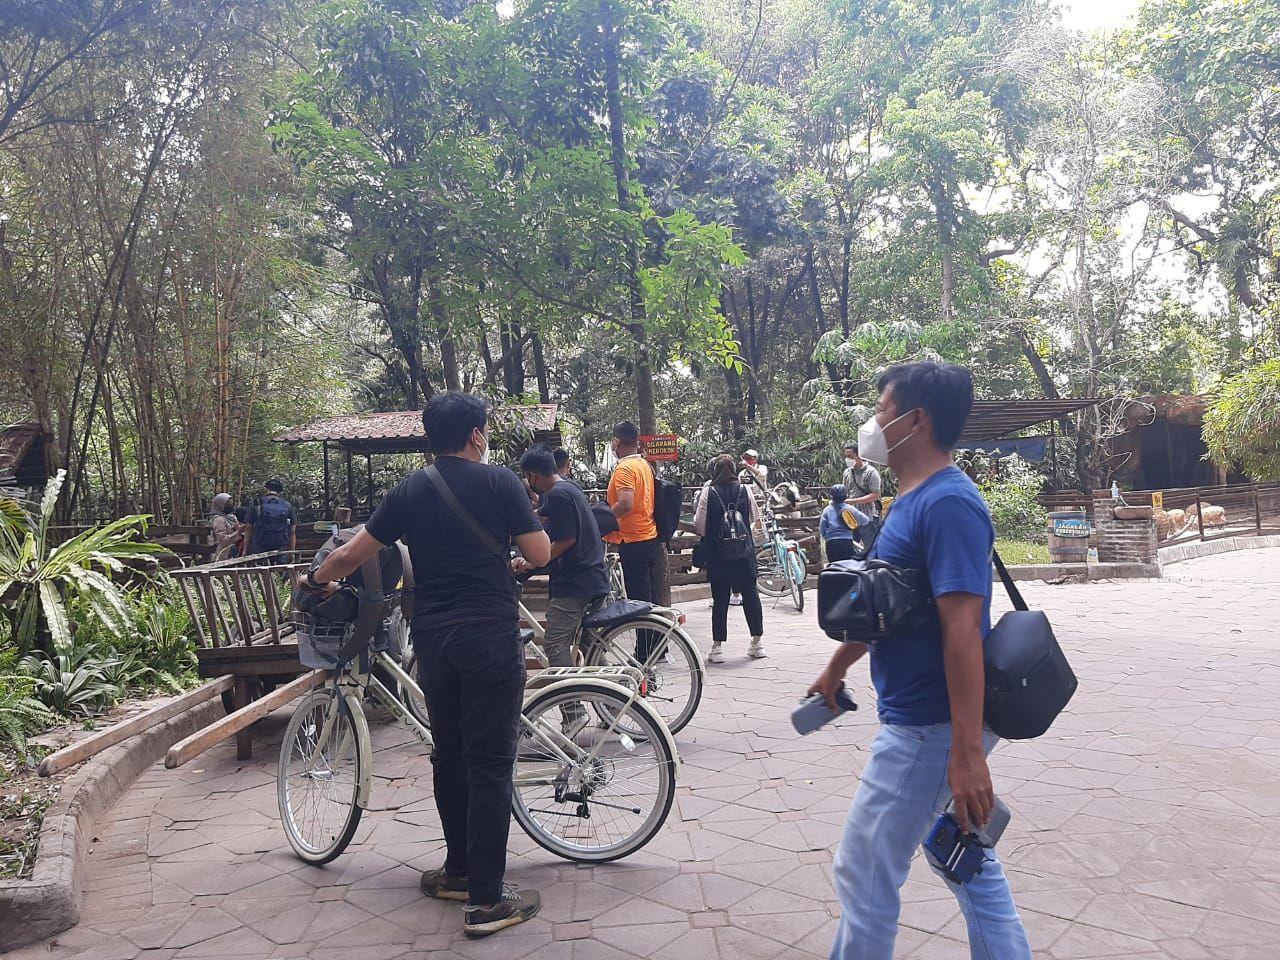 Pengunjung saat bersepeda di GL Zoo Yogyakarta